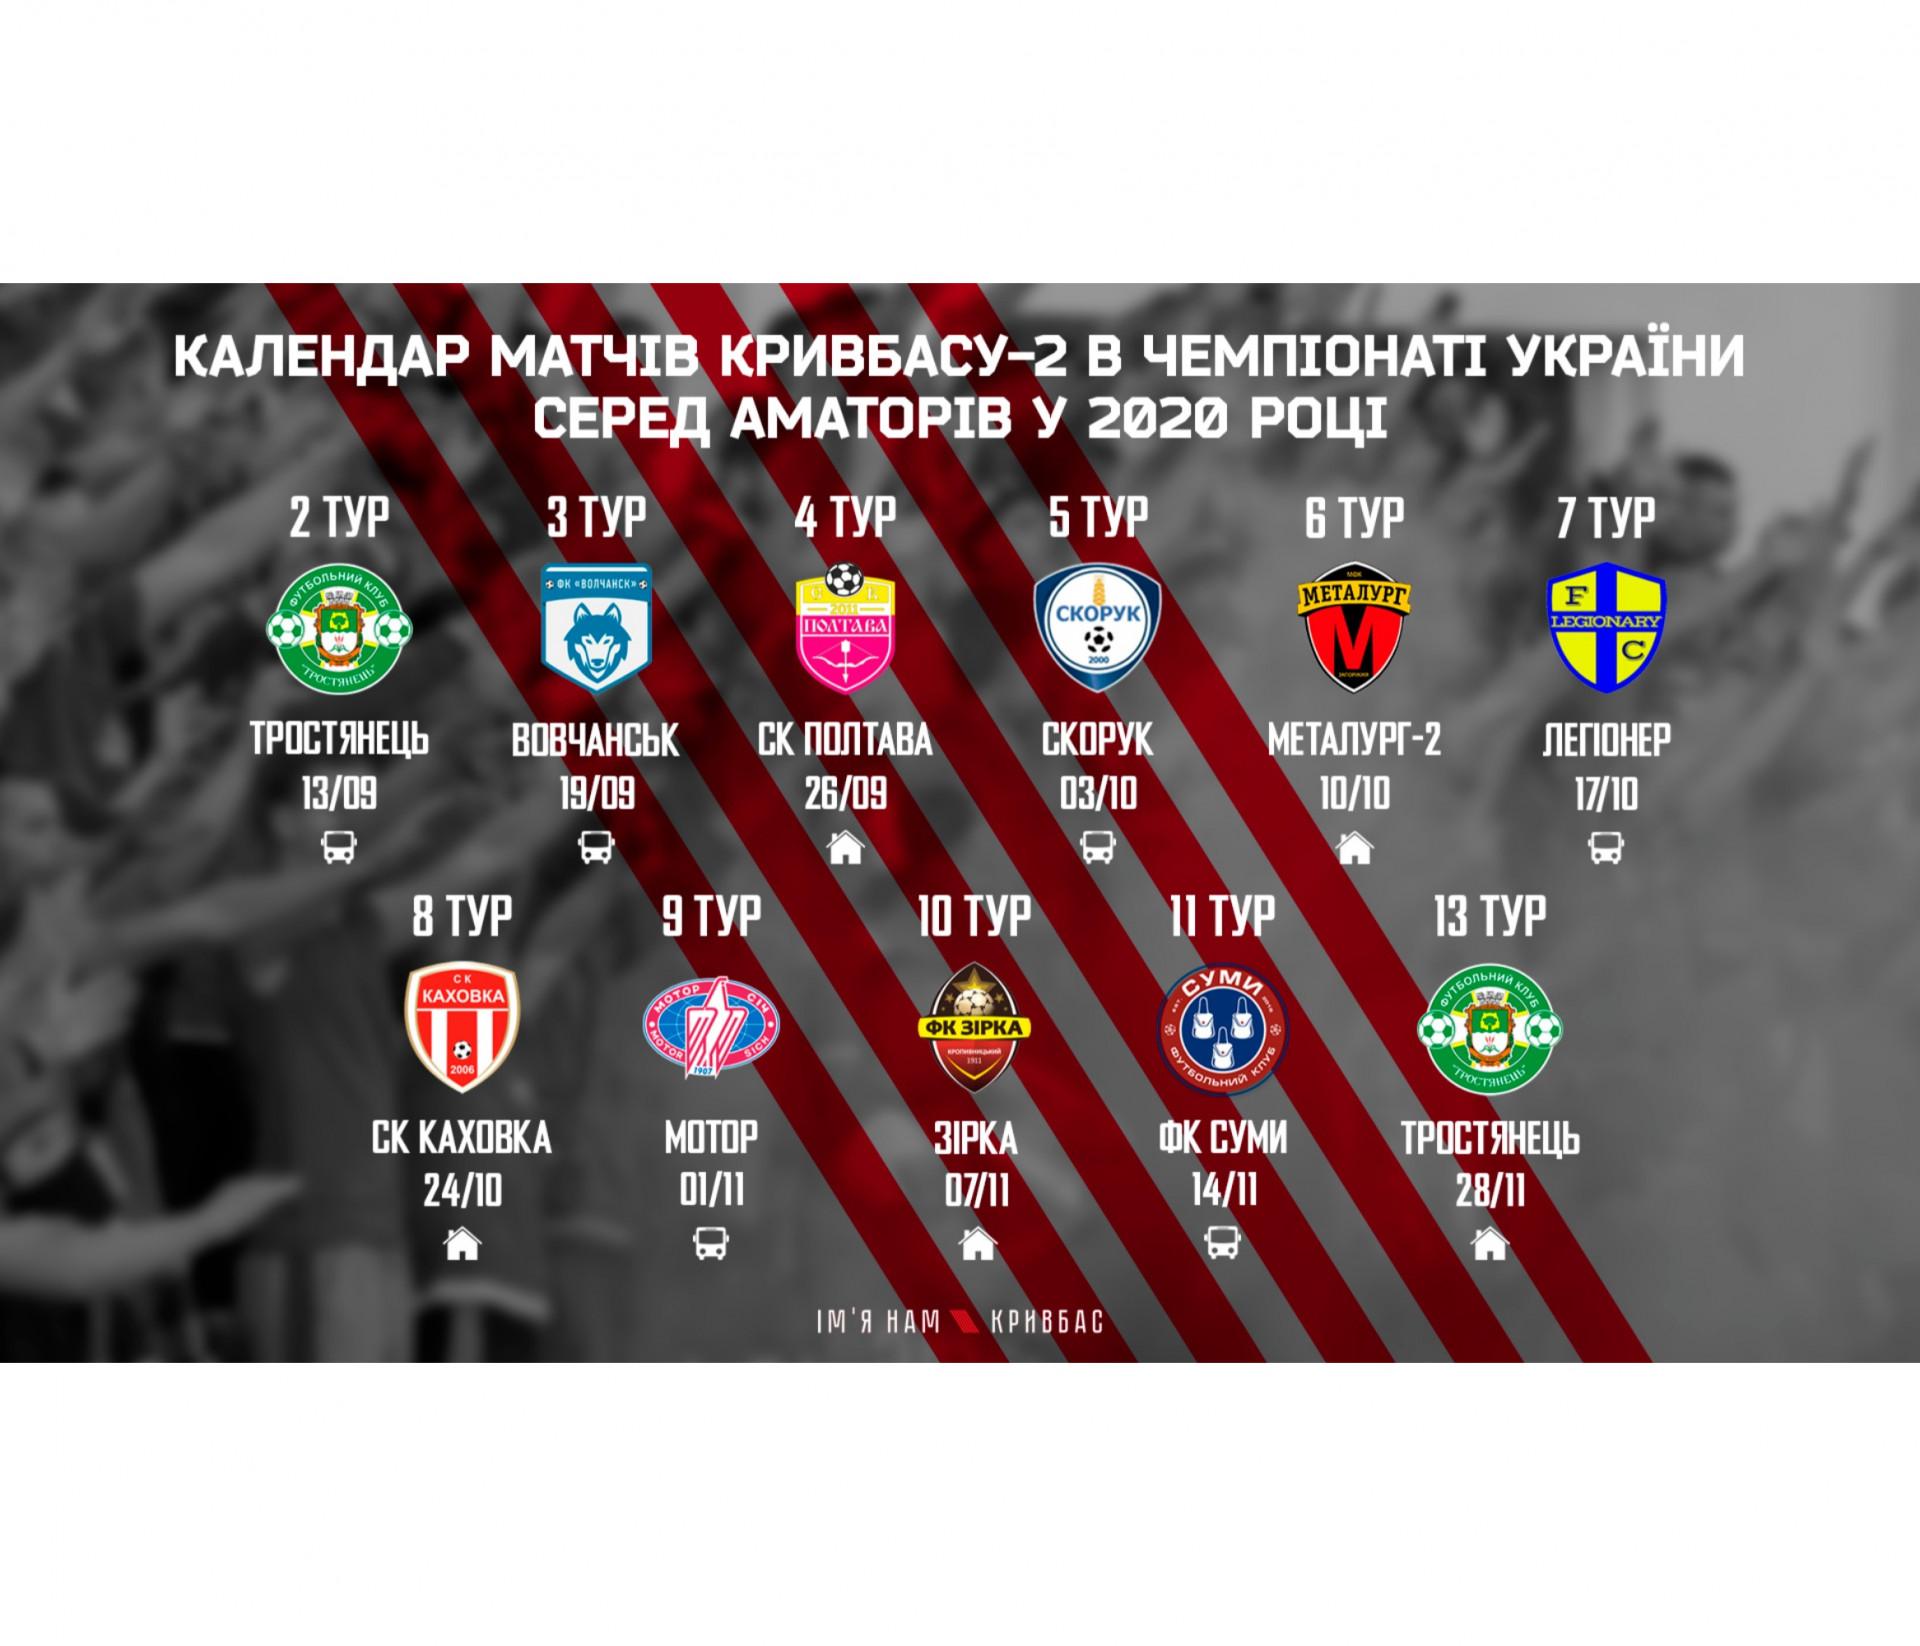 """Календар ігор """"Кривбасу-2"""" в ЧУ серед аматорів у 2020 році}"""